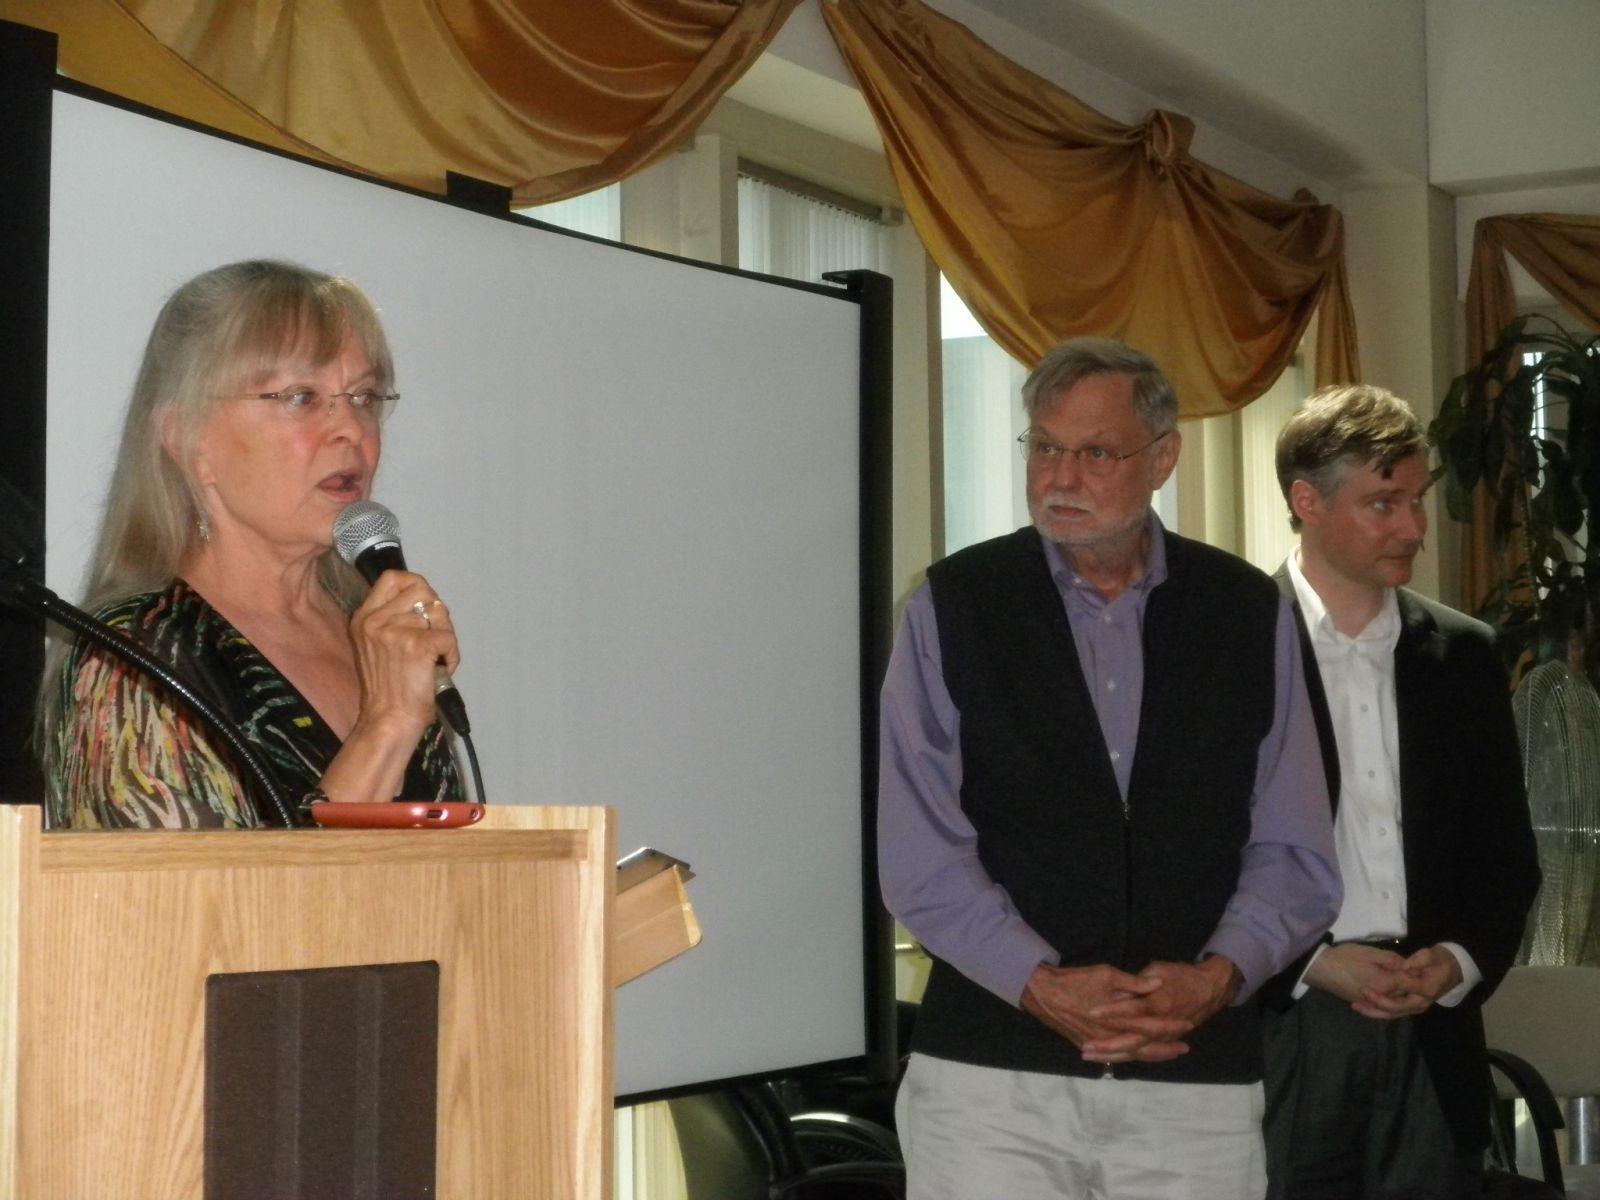 Lynnaea Lumbard, Duane Elgin, Jeff Vander Clute